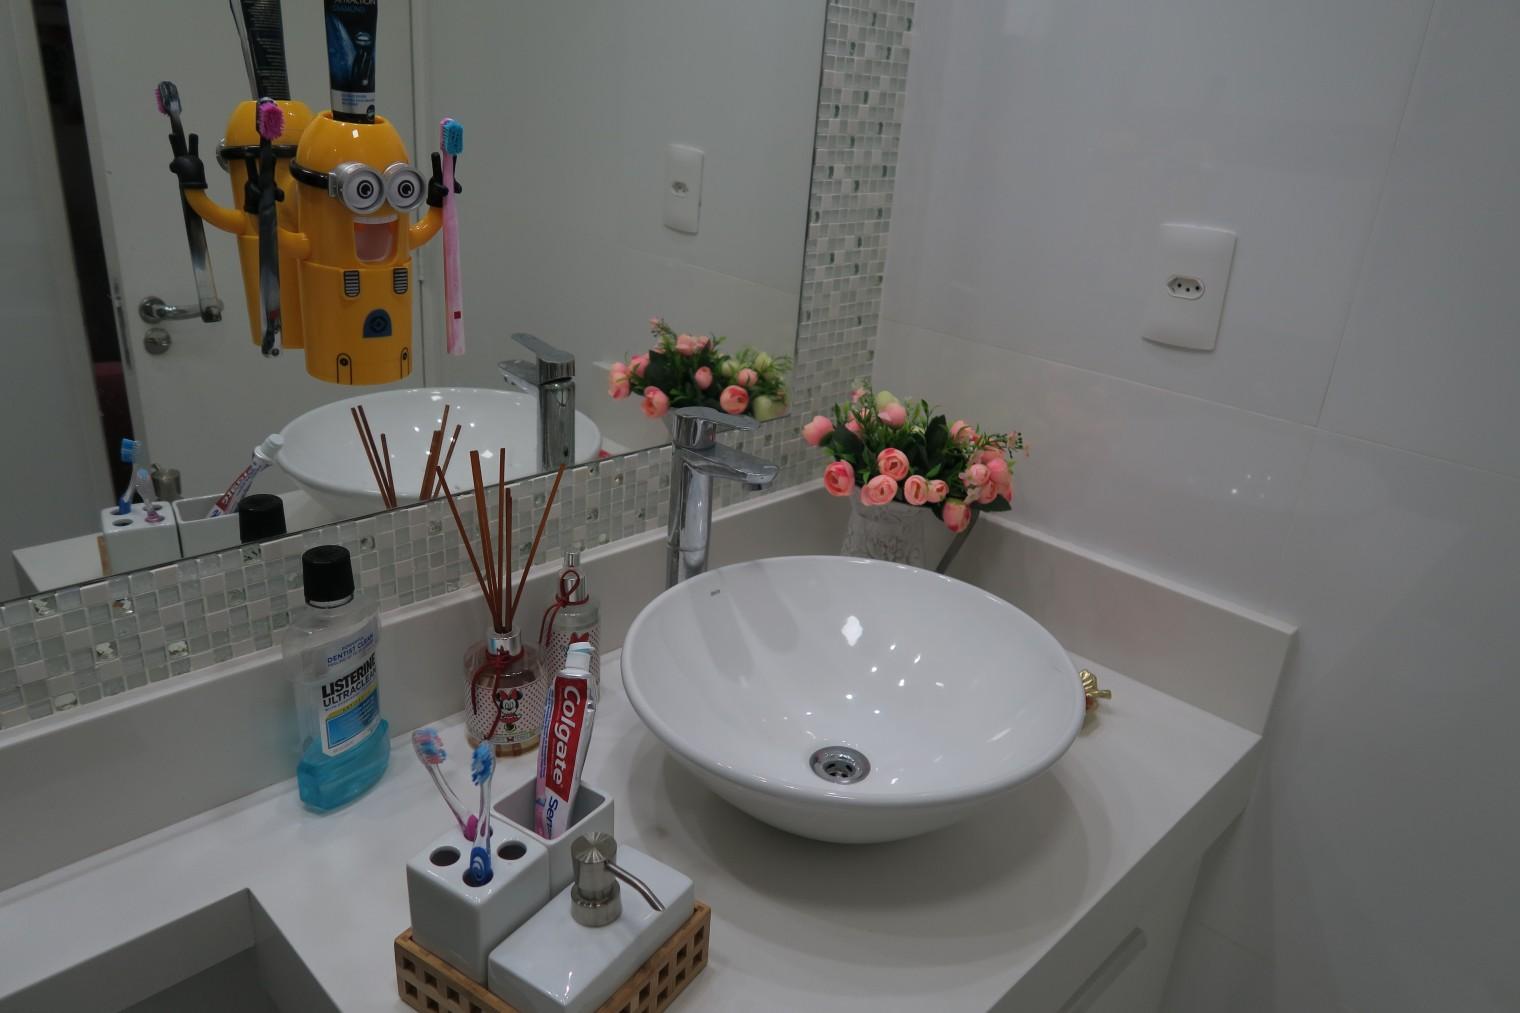 #684428 Tour pelo banheiro — Niina Secrets 1520x1013 px tour pelo meu banheiro com banheira